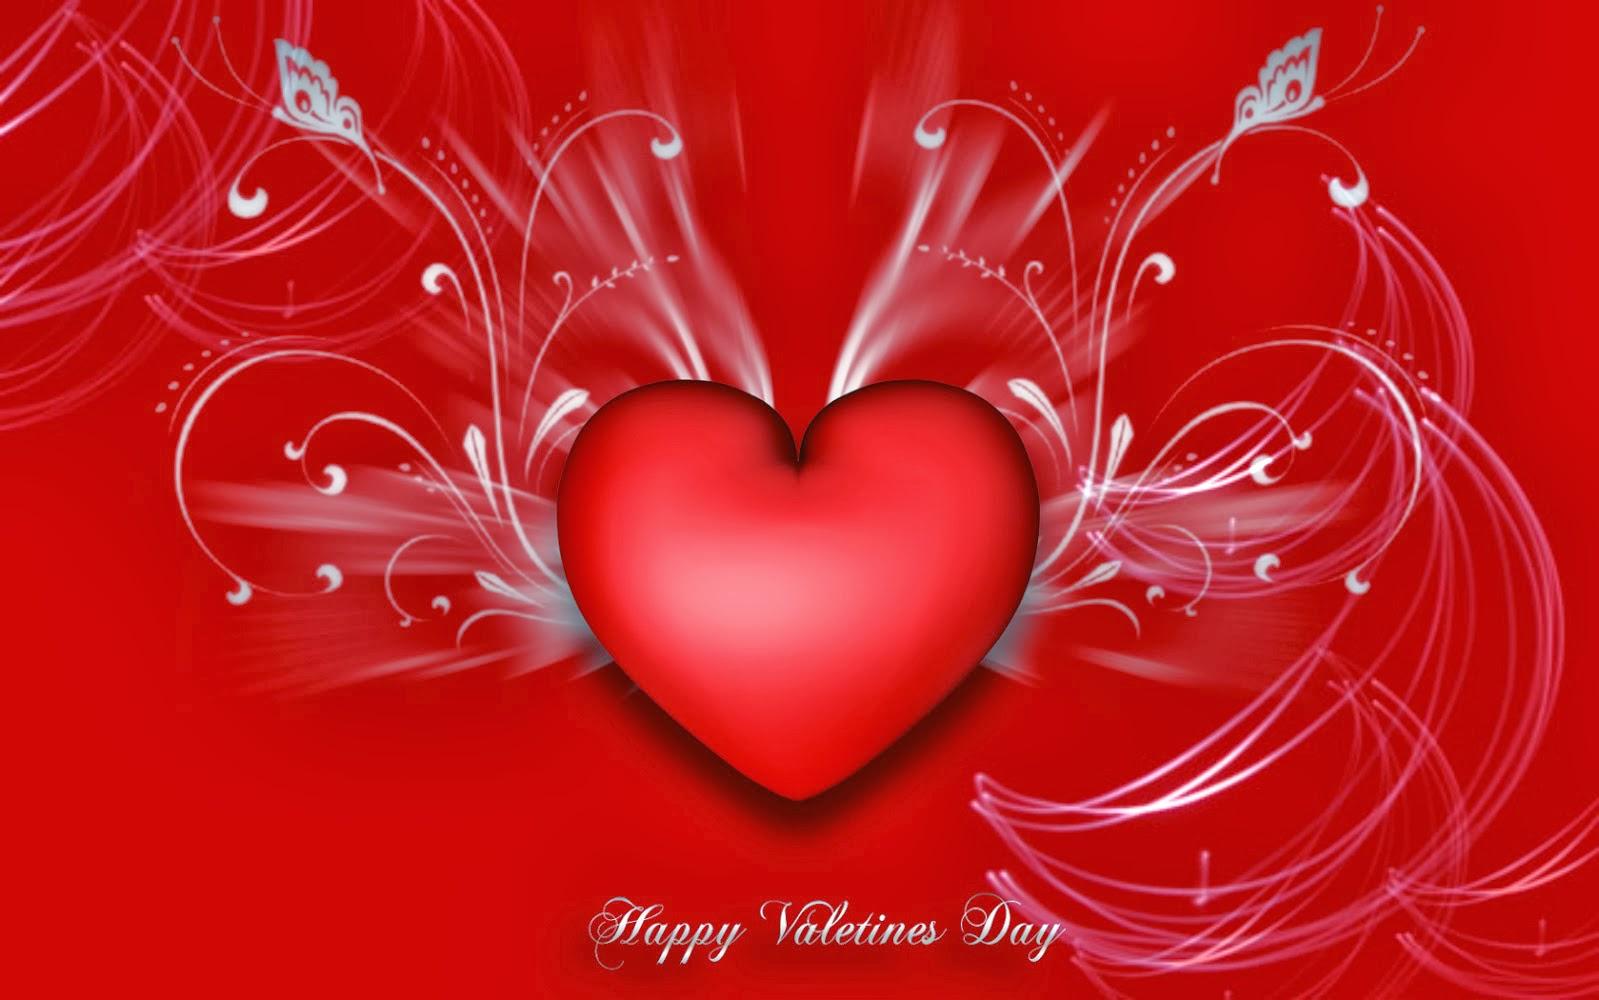 Valentine Day In Pakistan: Valentines Day Wallpaper